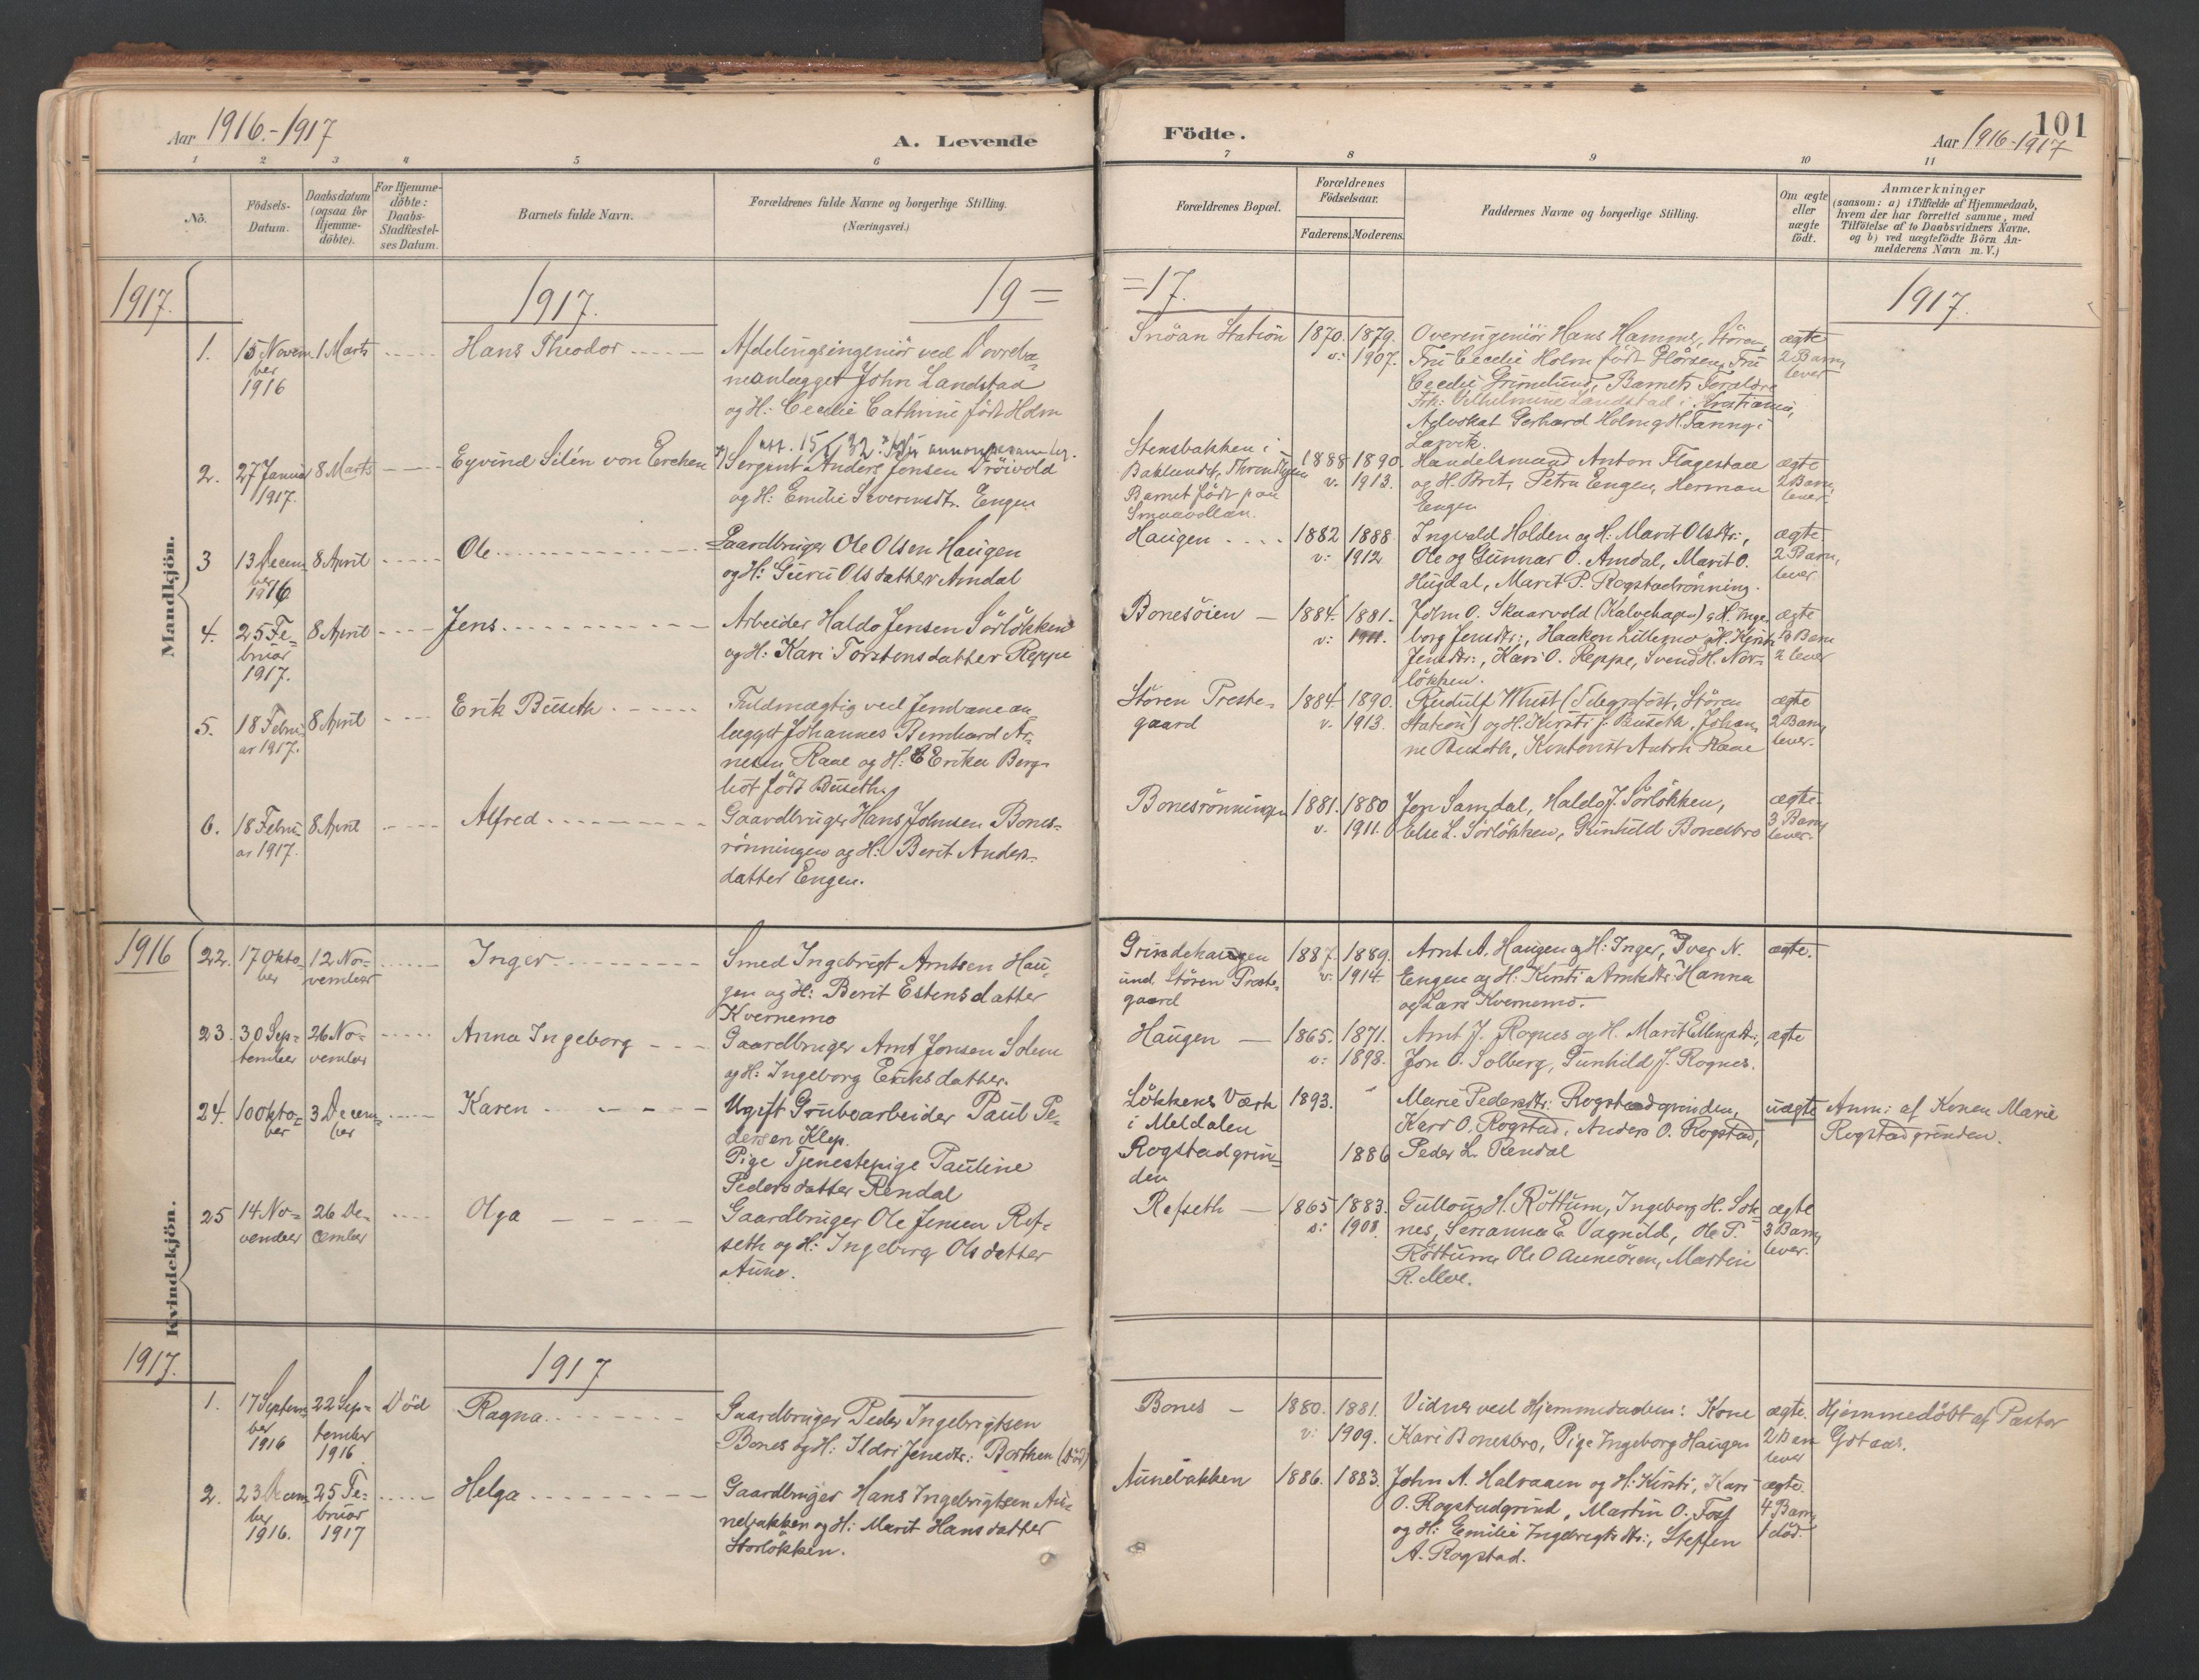 SAT, Ministerialprotokoller, klokkerbøker og fødselsregistre - Sør-Trøndelag, 687/L1004: Ministerialbok nr. 687A10, 1891-1923, s. 101